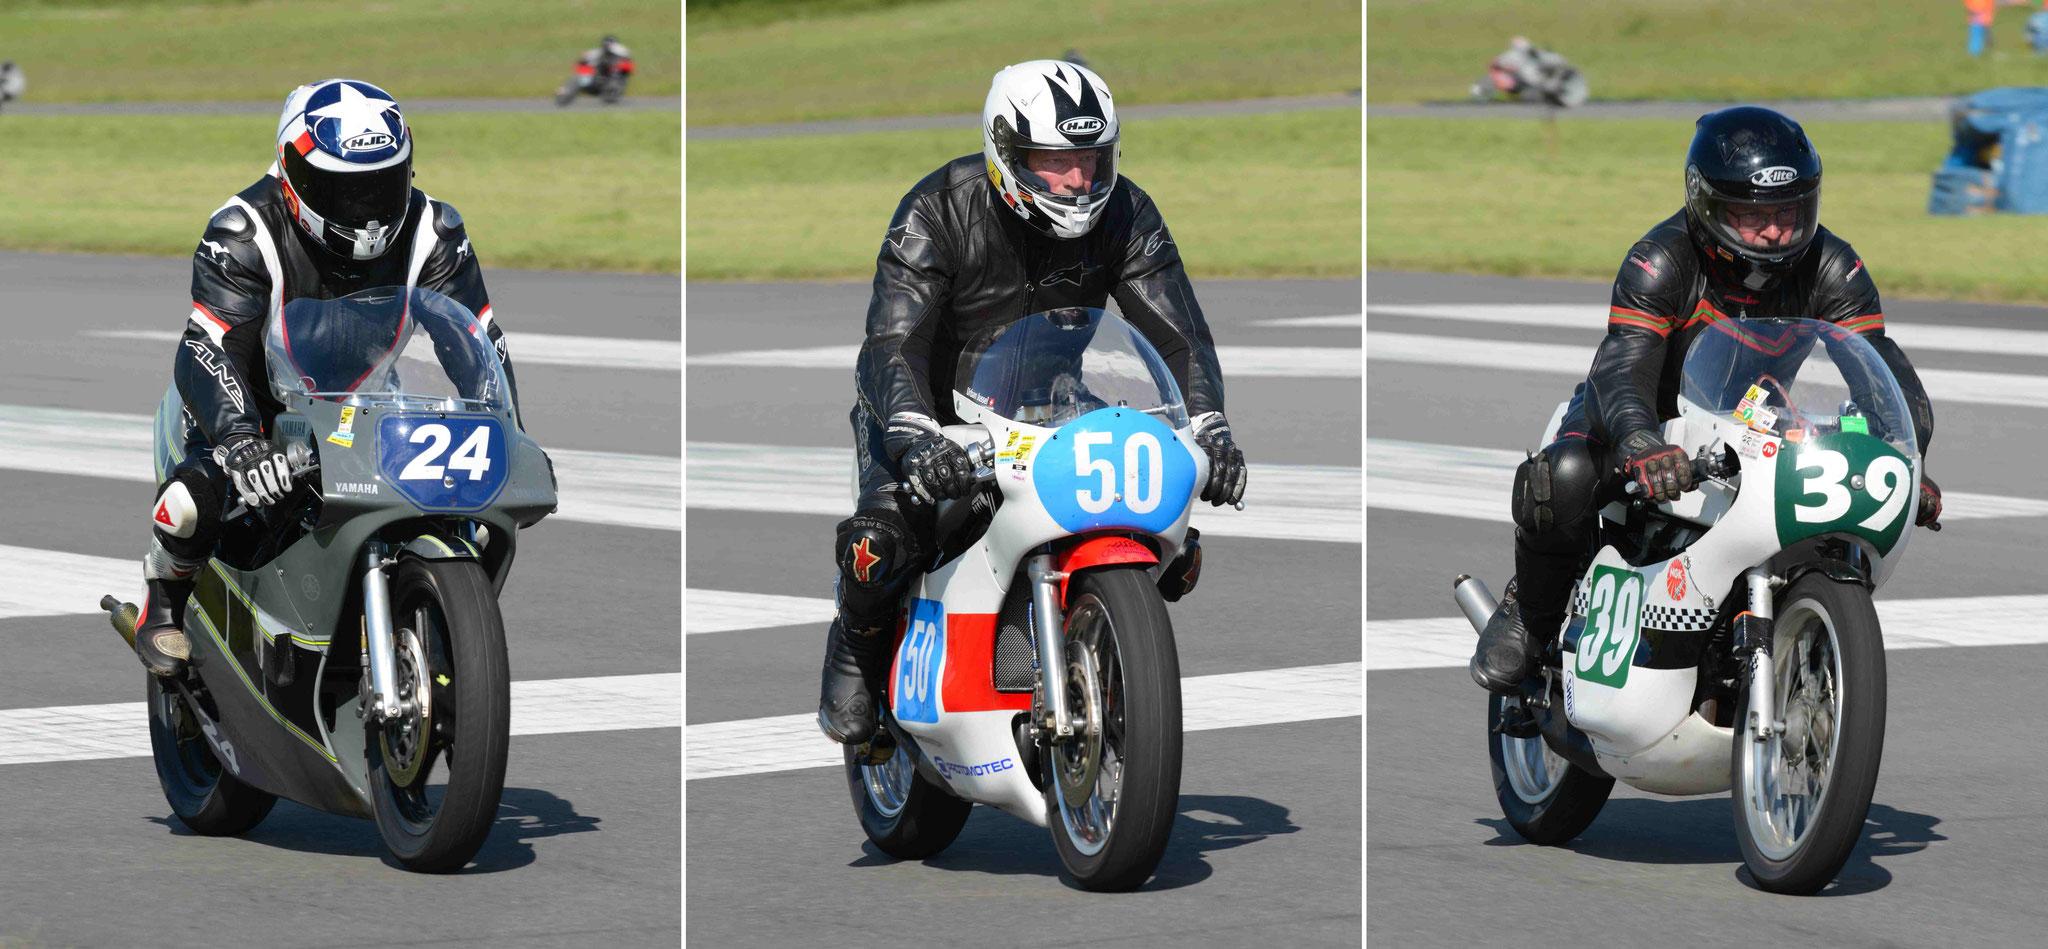 v.l. Wolfgang Reichert BSR-Yamaha TZ350G 1980 / Urban Jussel Harris-Yamaha TZ350 1979 / Volker Klose Yamaha RD350 1973